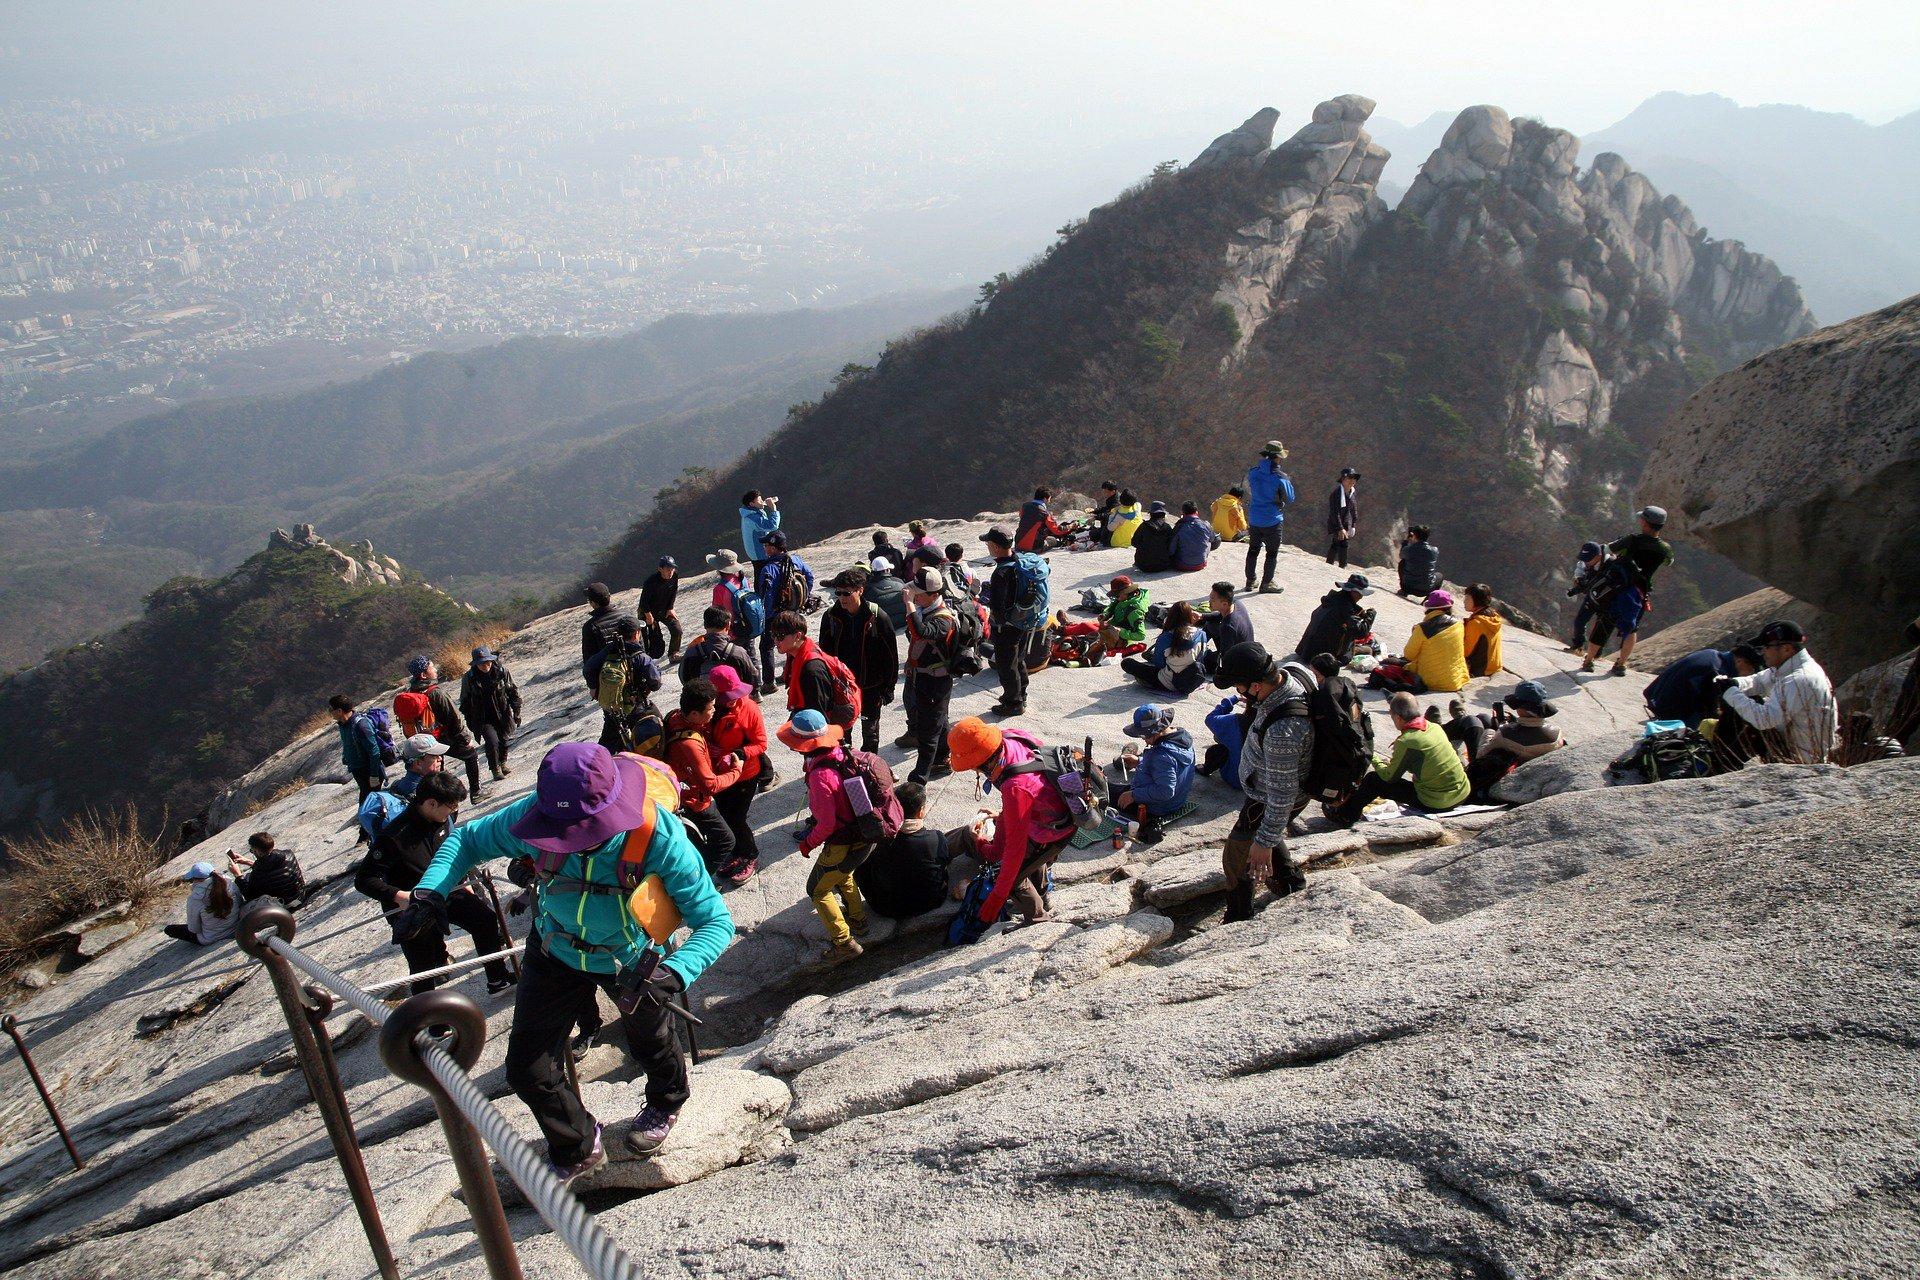 Seoul mountain